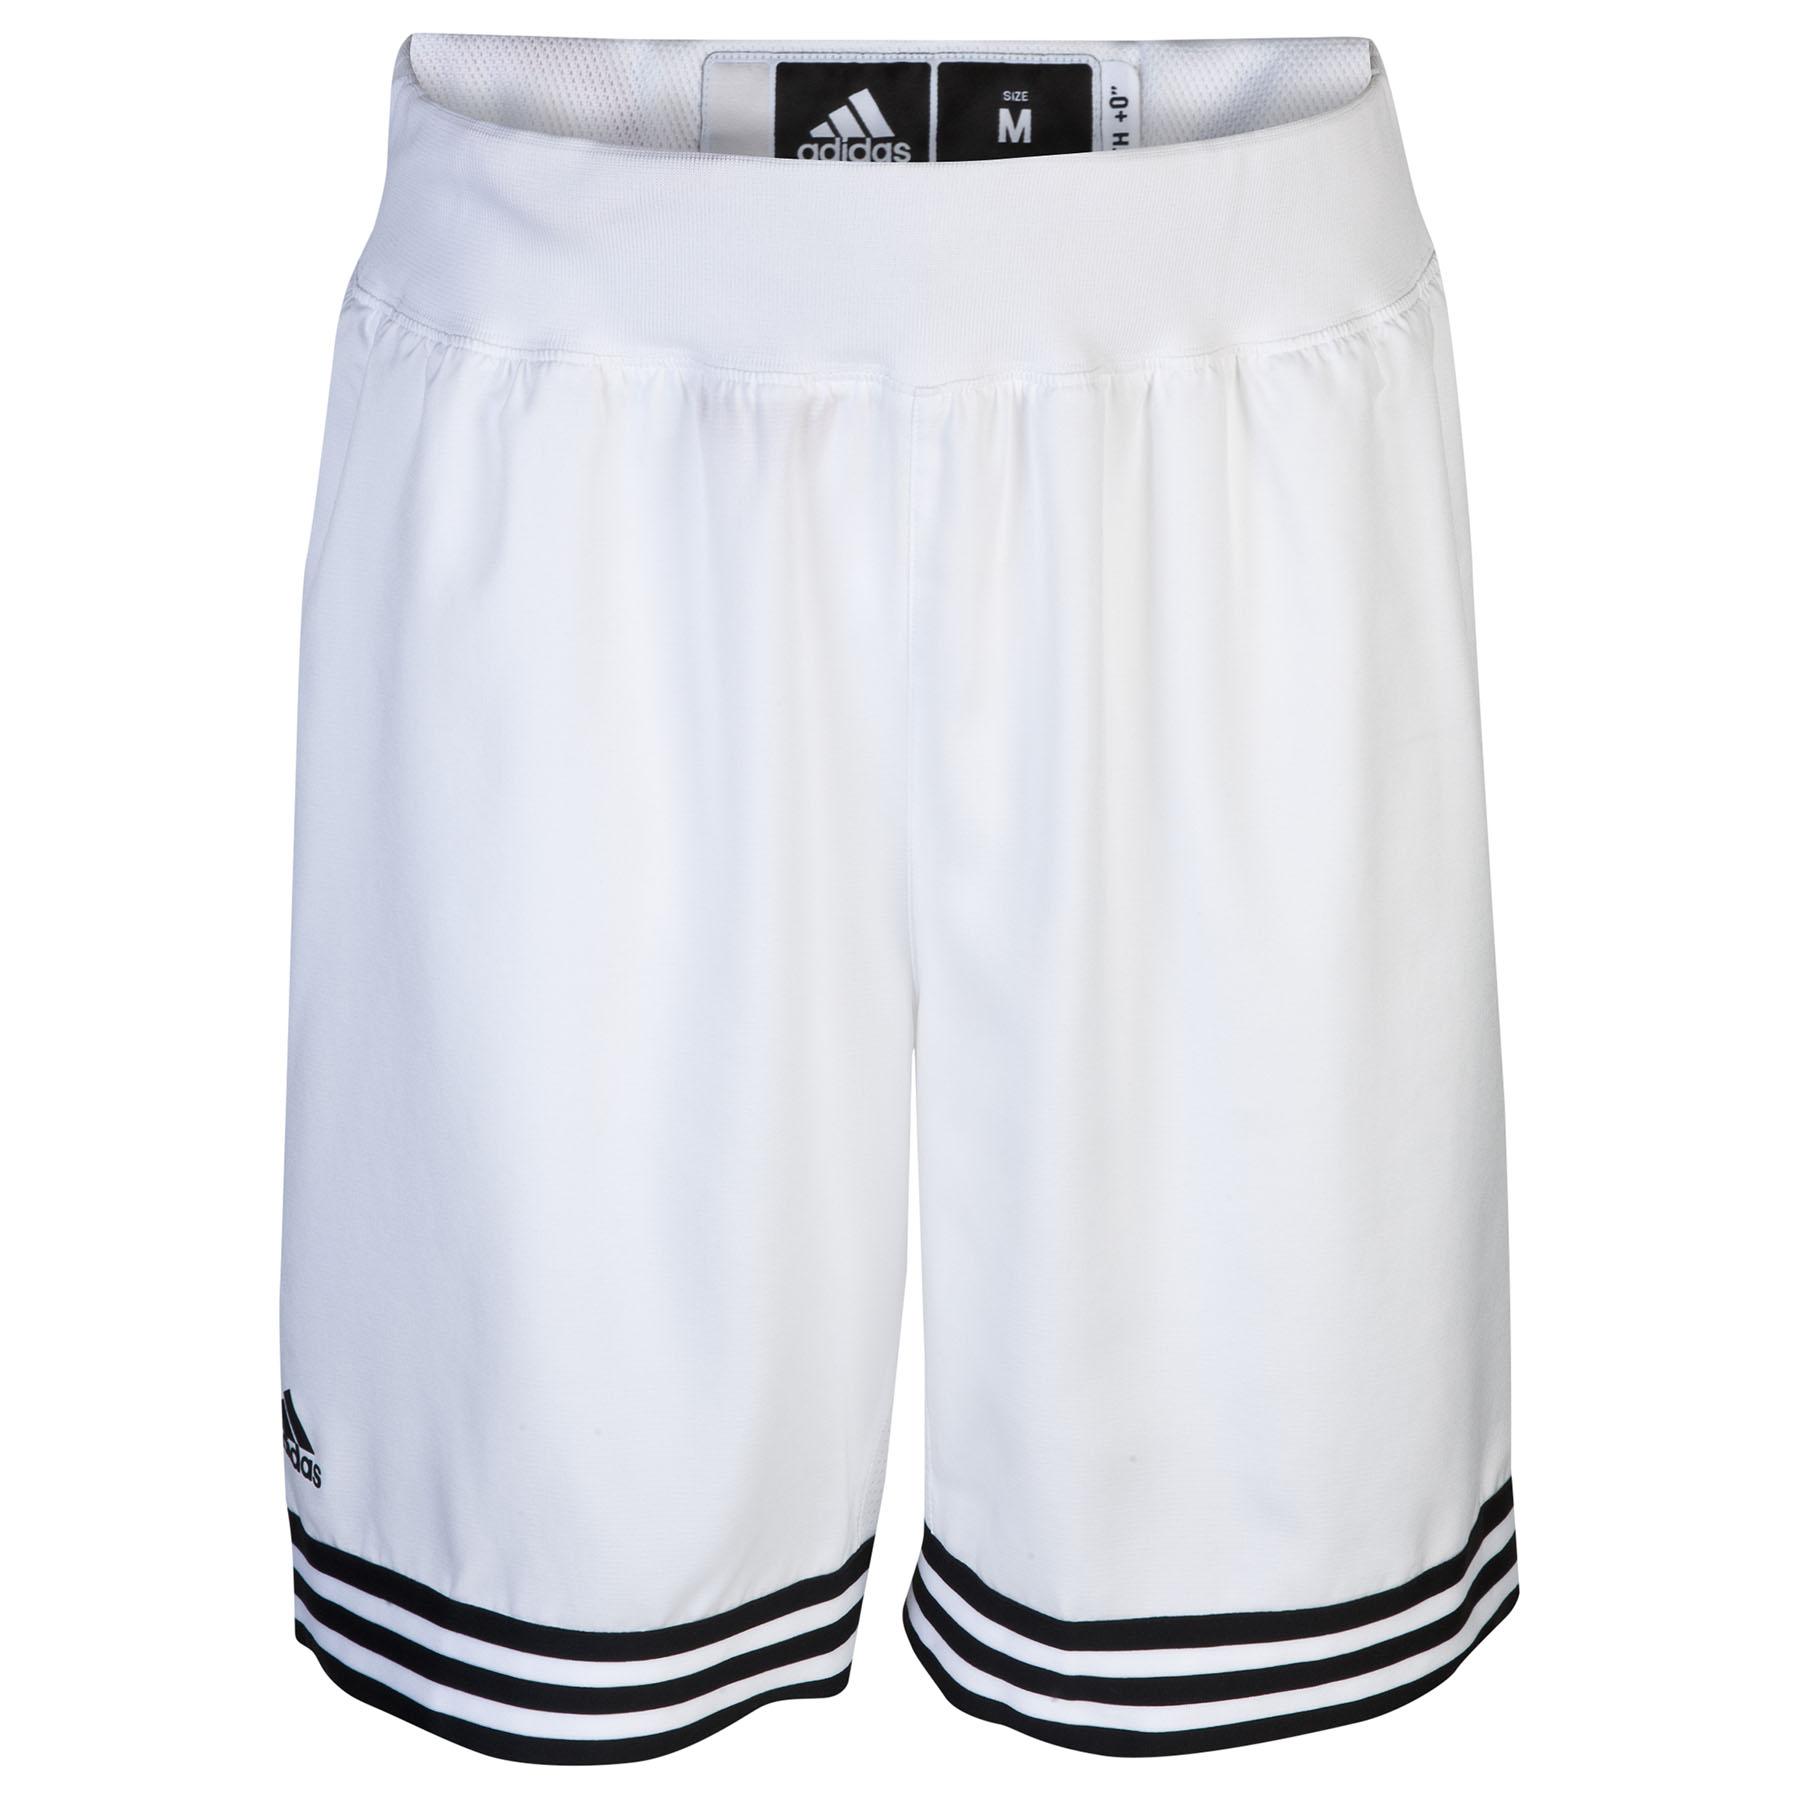 Real Madrid Home Basketball Shorts